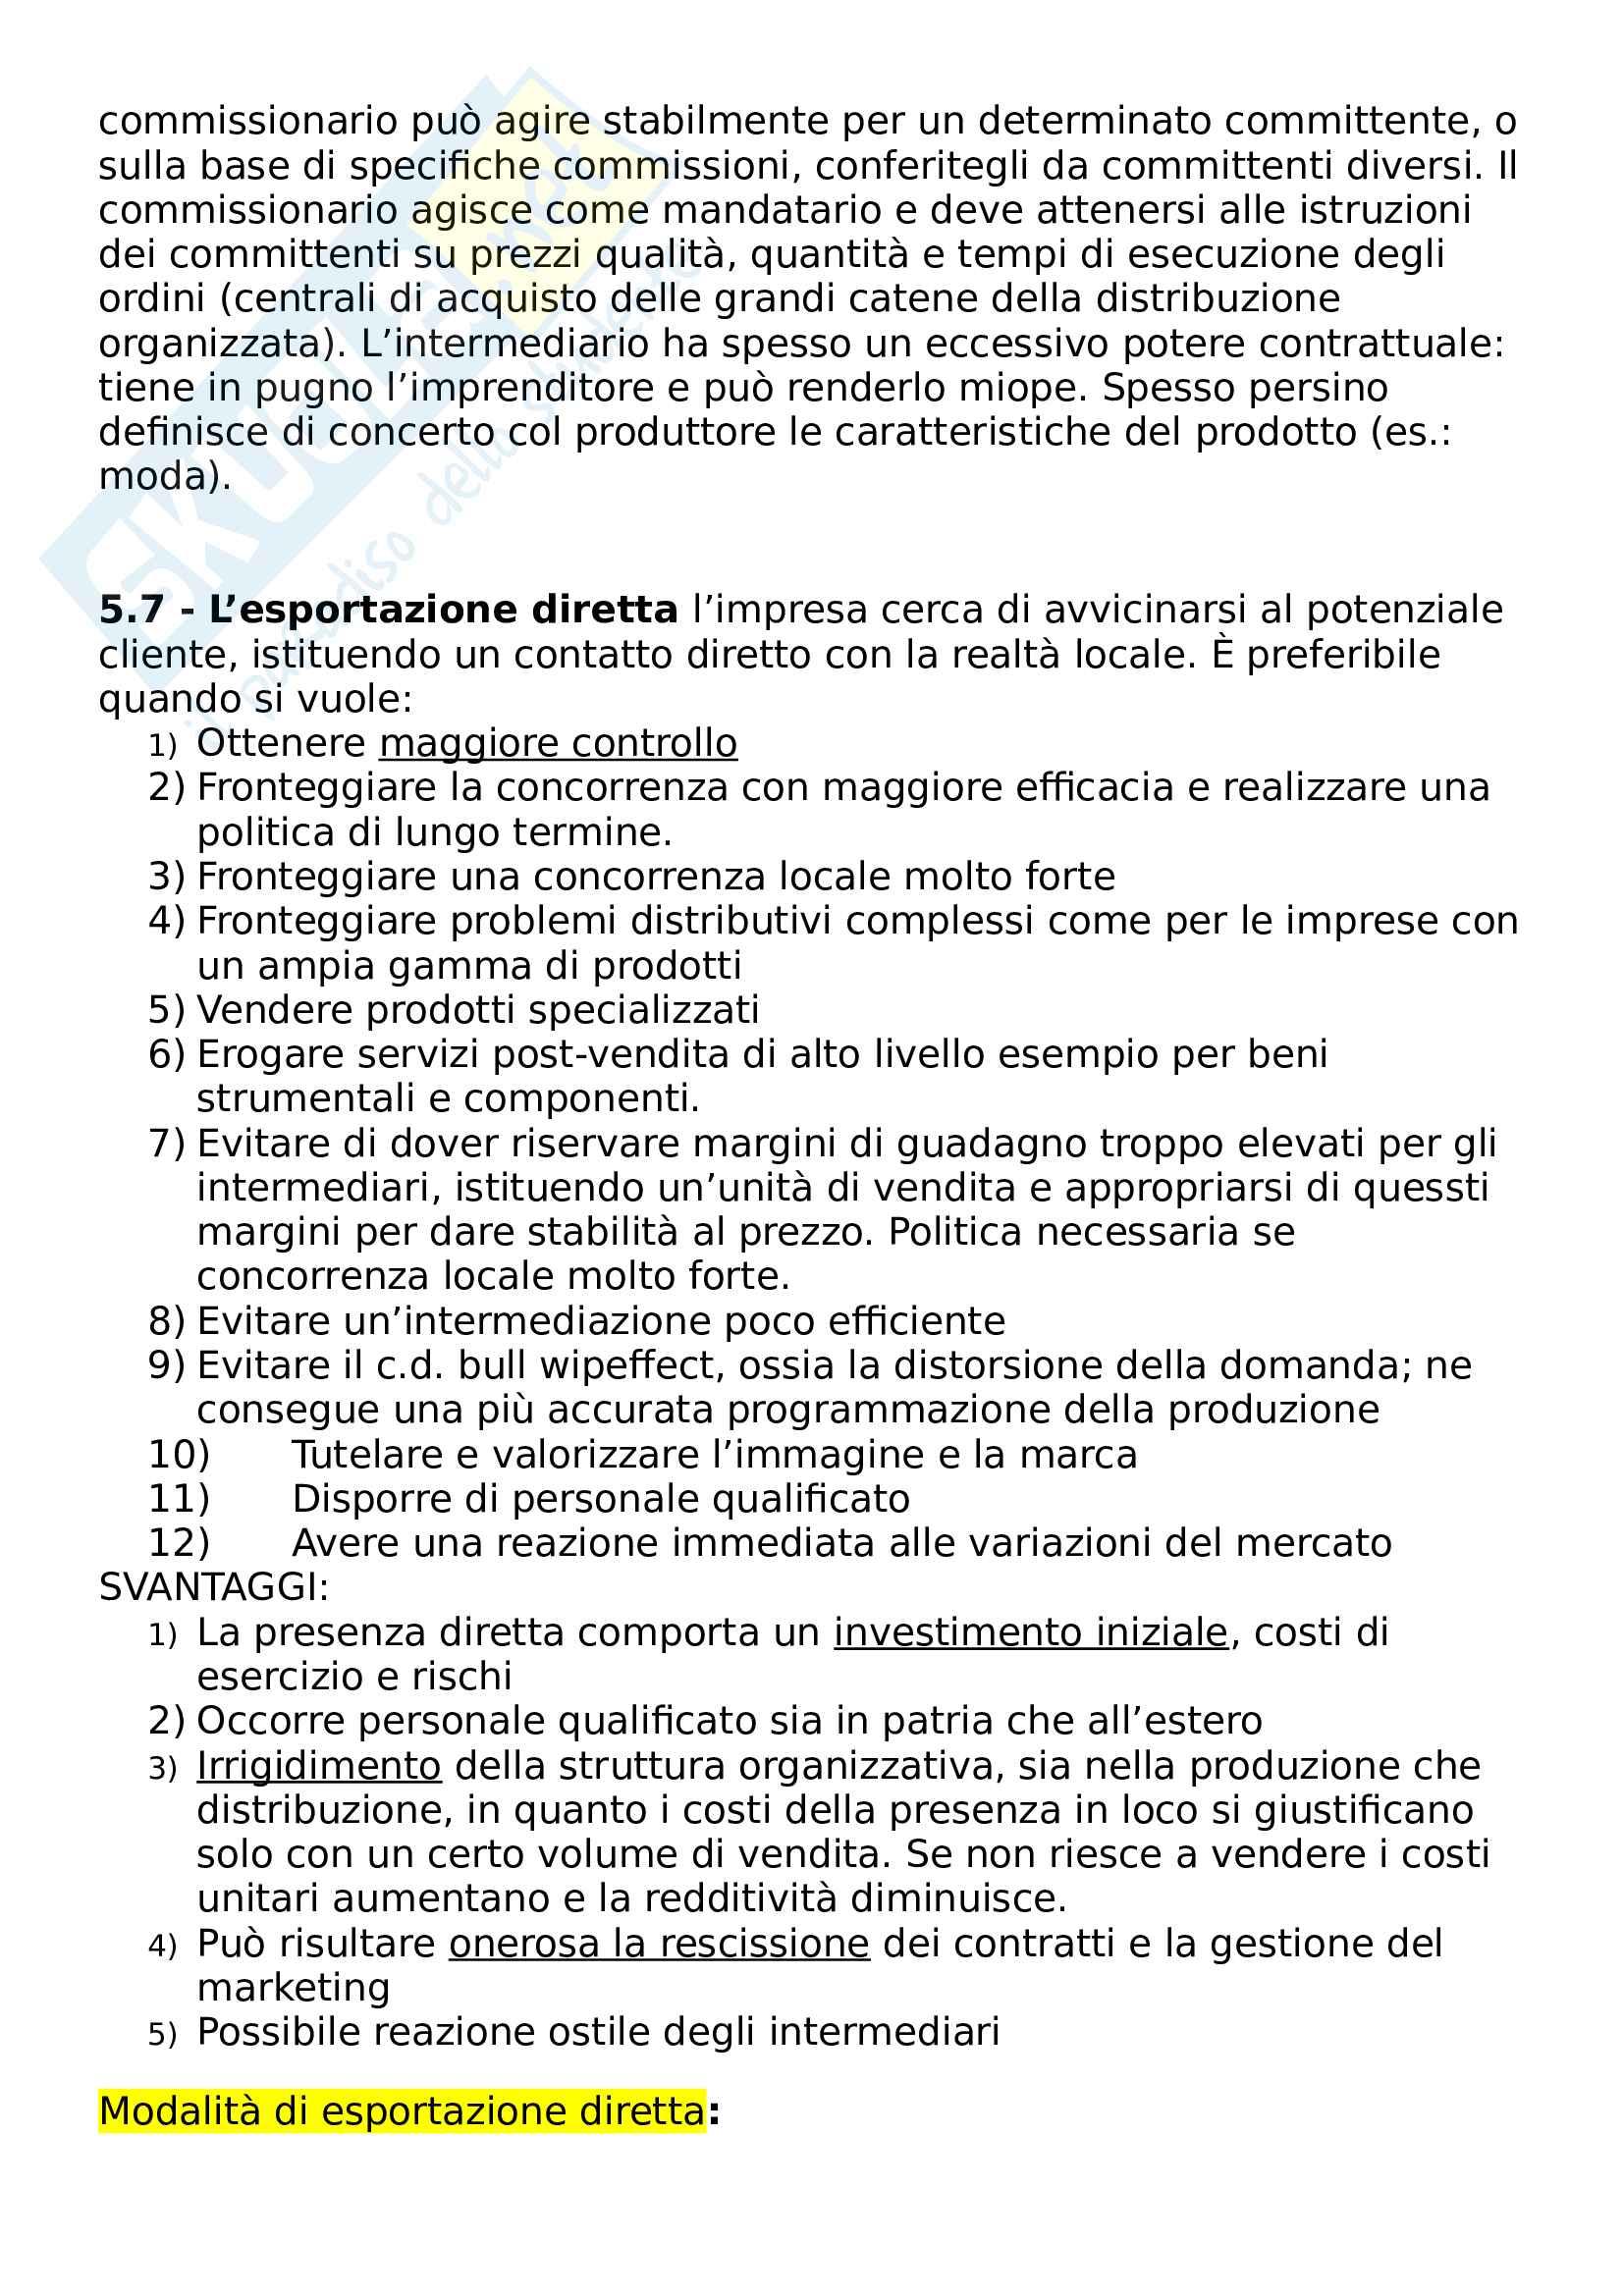 Riassunto esame Marketing e Comunicazione, prof. Bertoli, libro consigliato Mercati internazionali e marketing Pag. 21